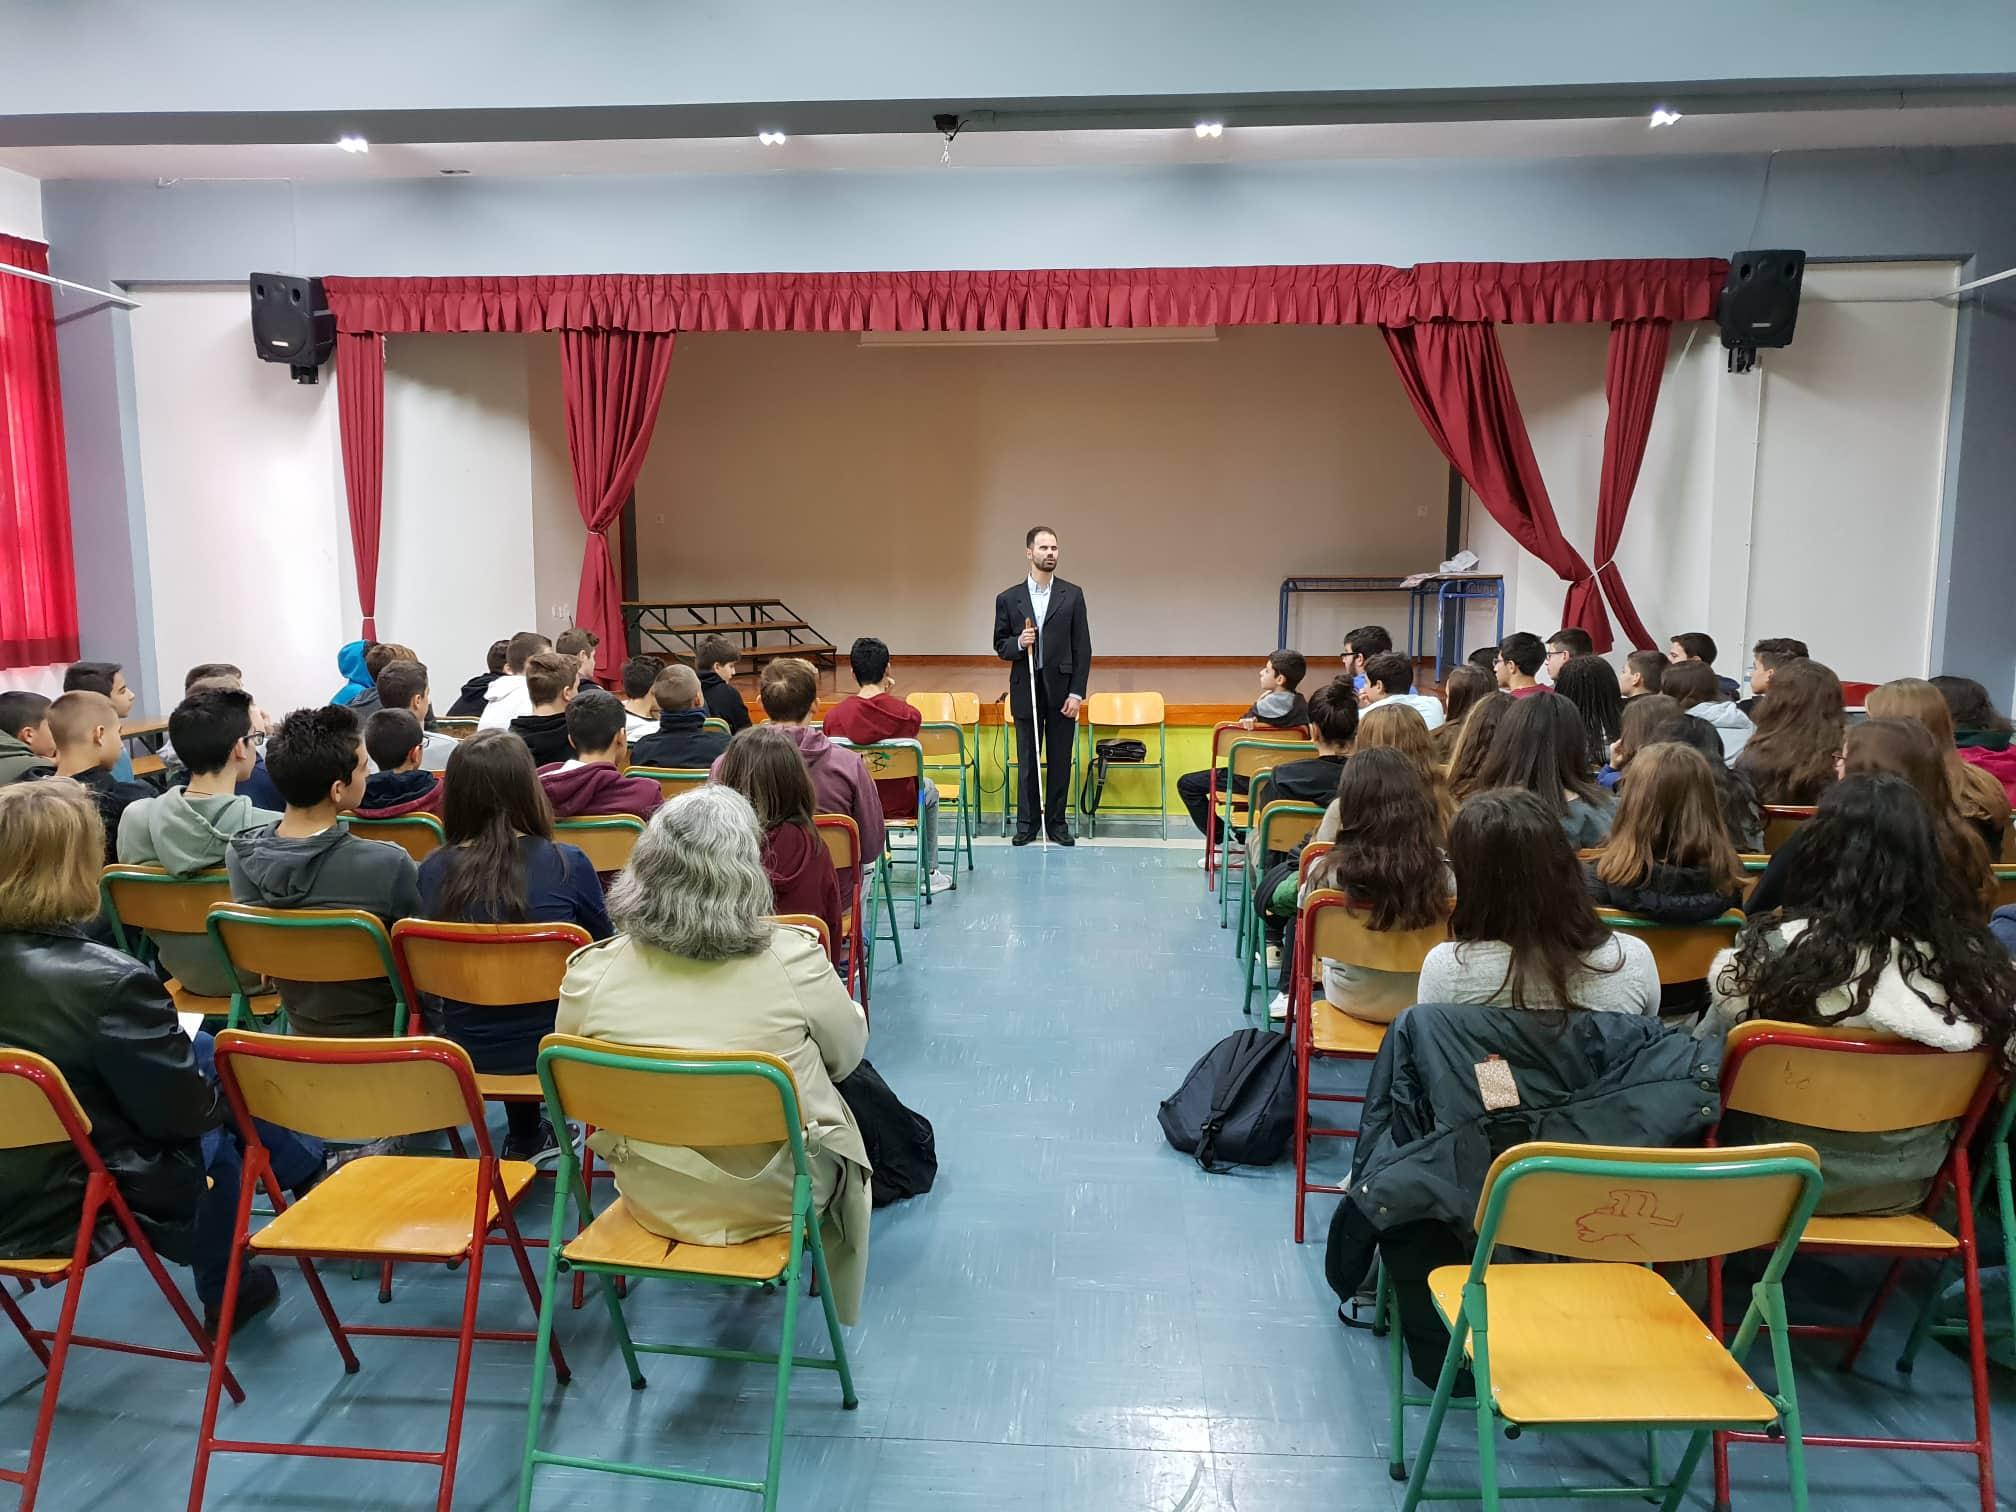 ο Βαγγέλης μιλάει στα παιδιά κρατώντας το λευκό μπαστούνι